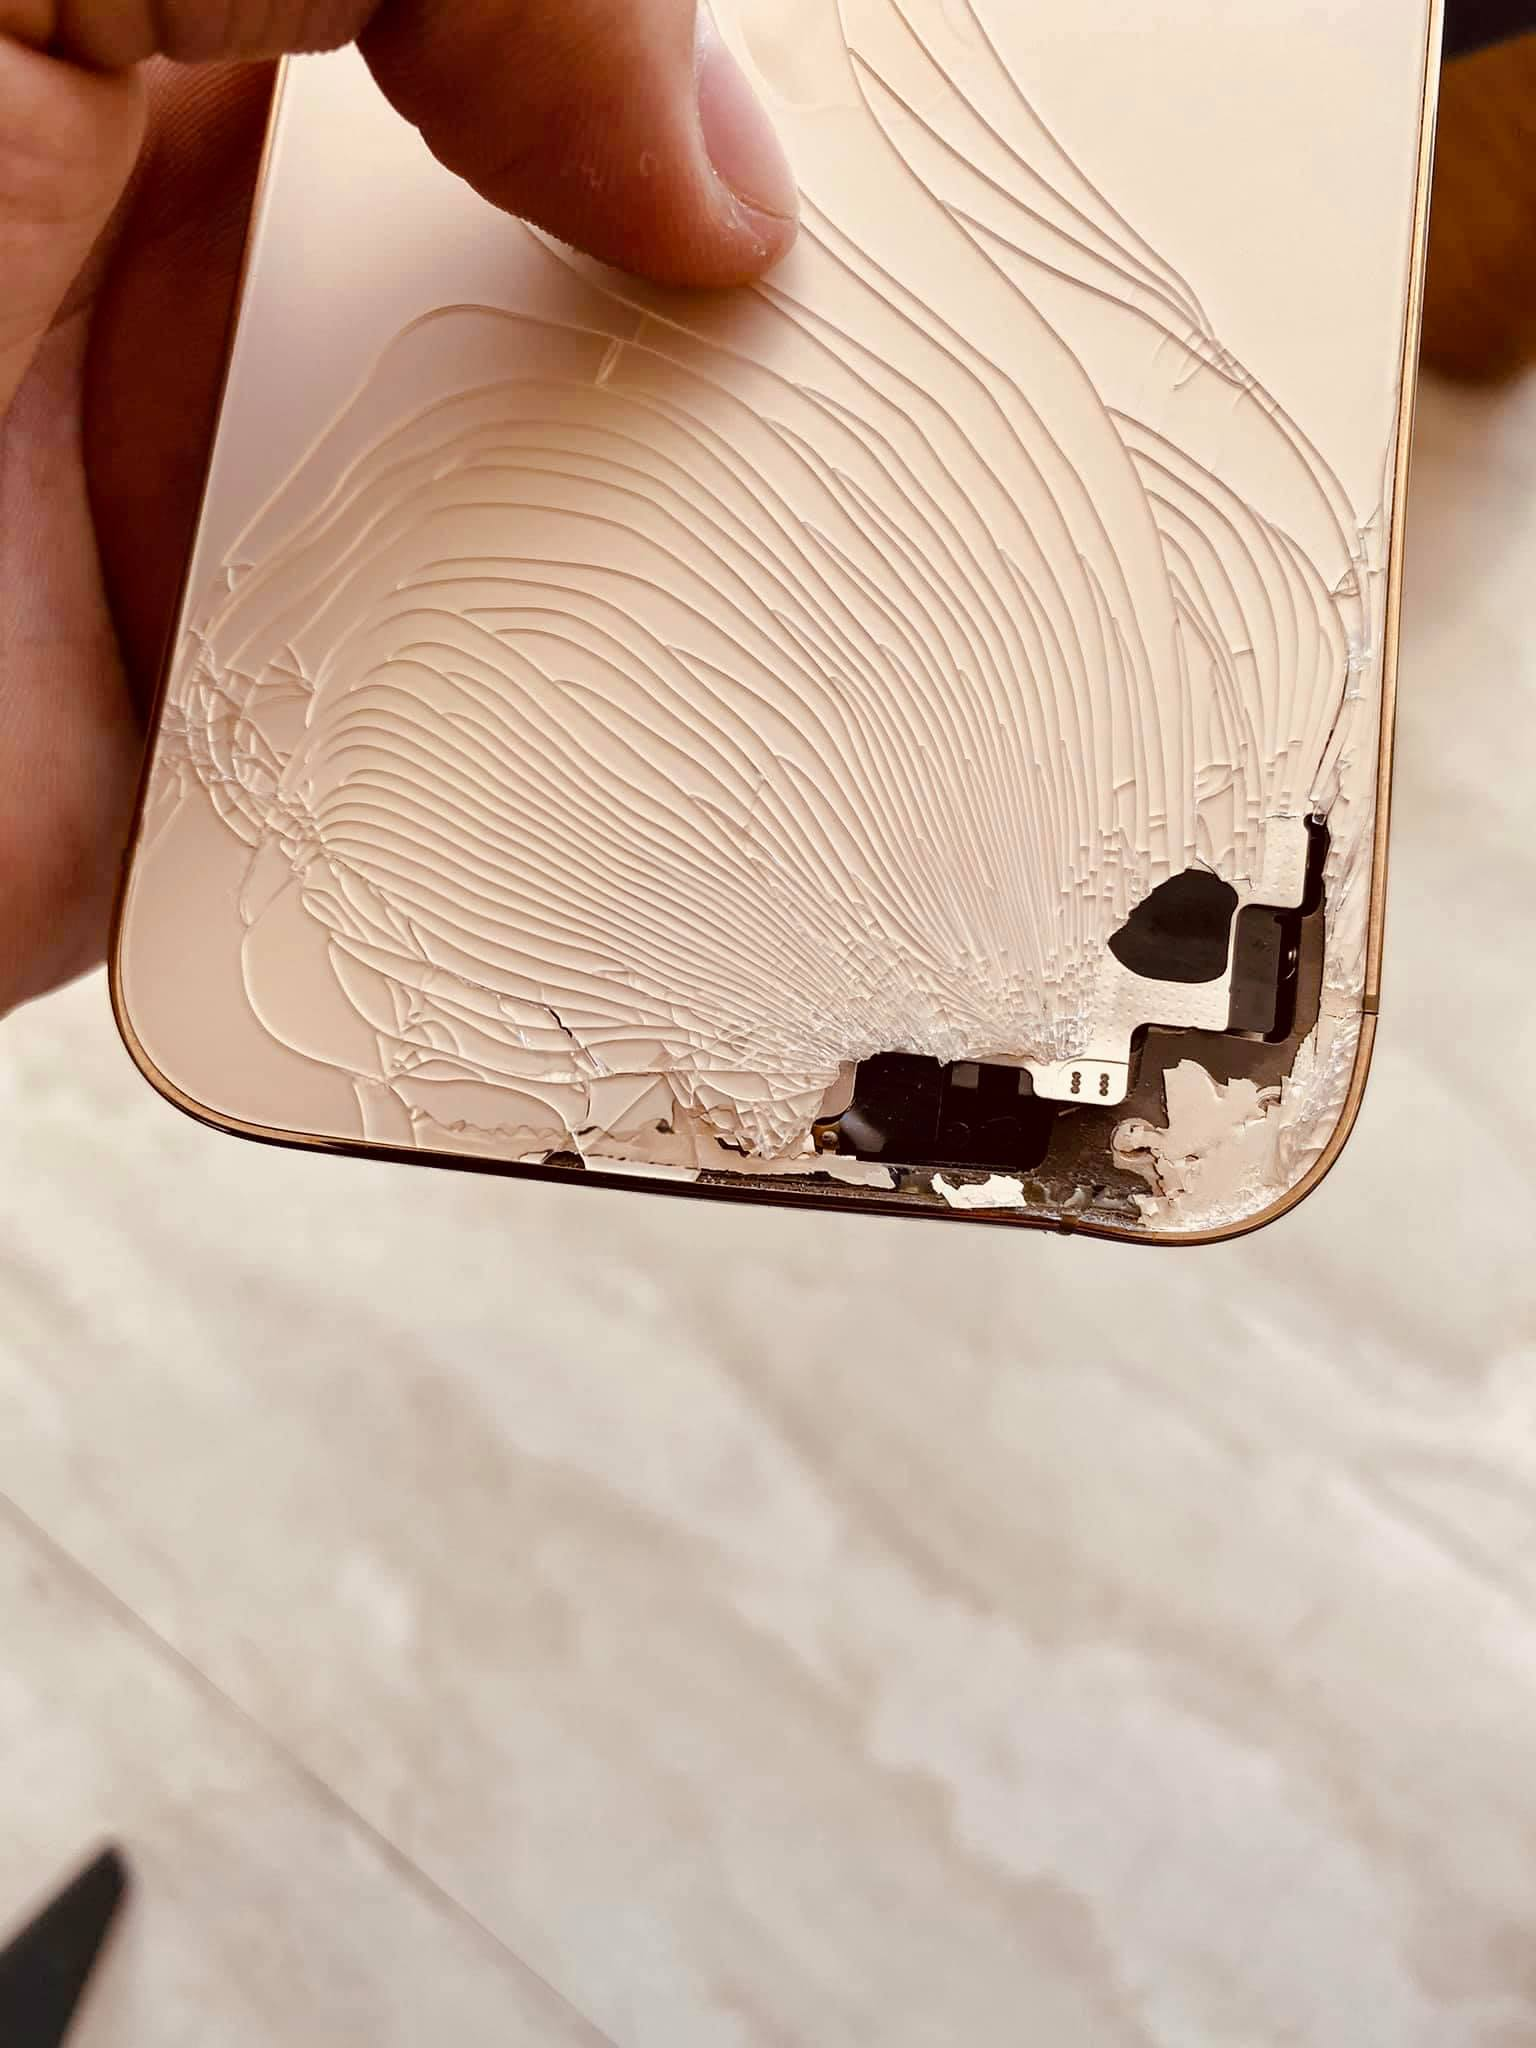 Ép Kính Thay Nắp Lưng iPhone 12 Pro Max Uy Tín Số 1 Vũng Tàu